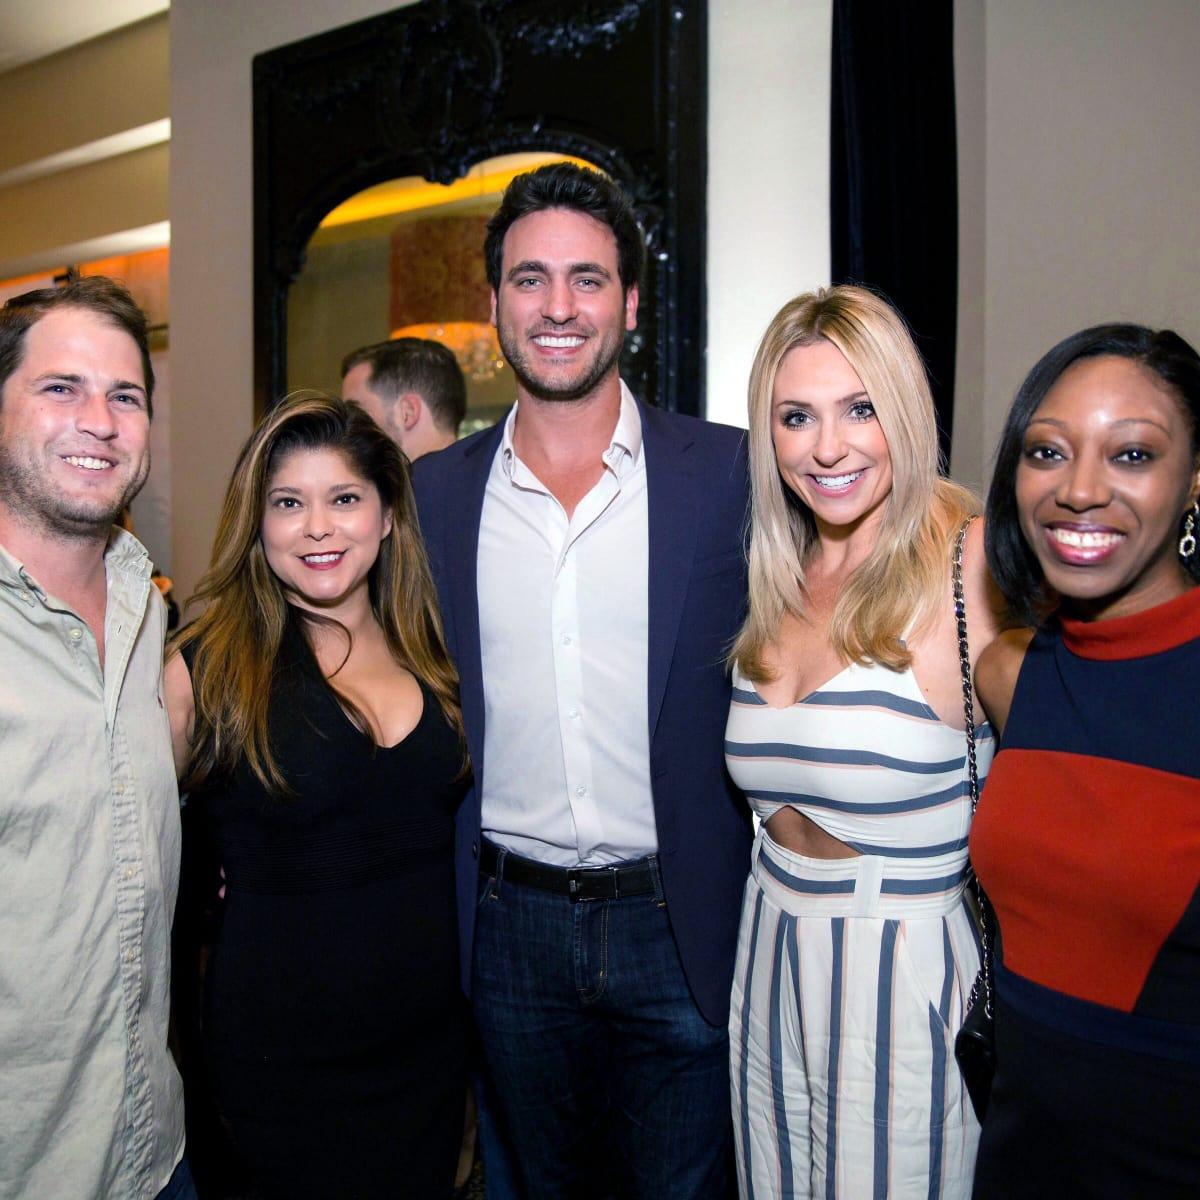 Houston, SportsMap launch party, October 2017, Nick Scurfield, Marcy de Luna, Lane Craft, Chita Craft, Brittaney Wilmore